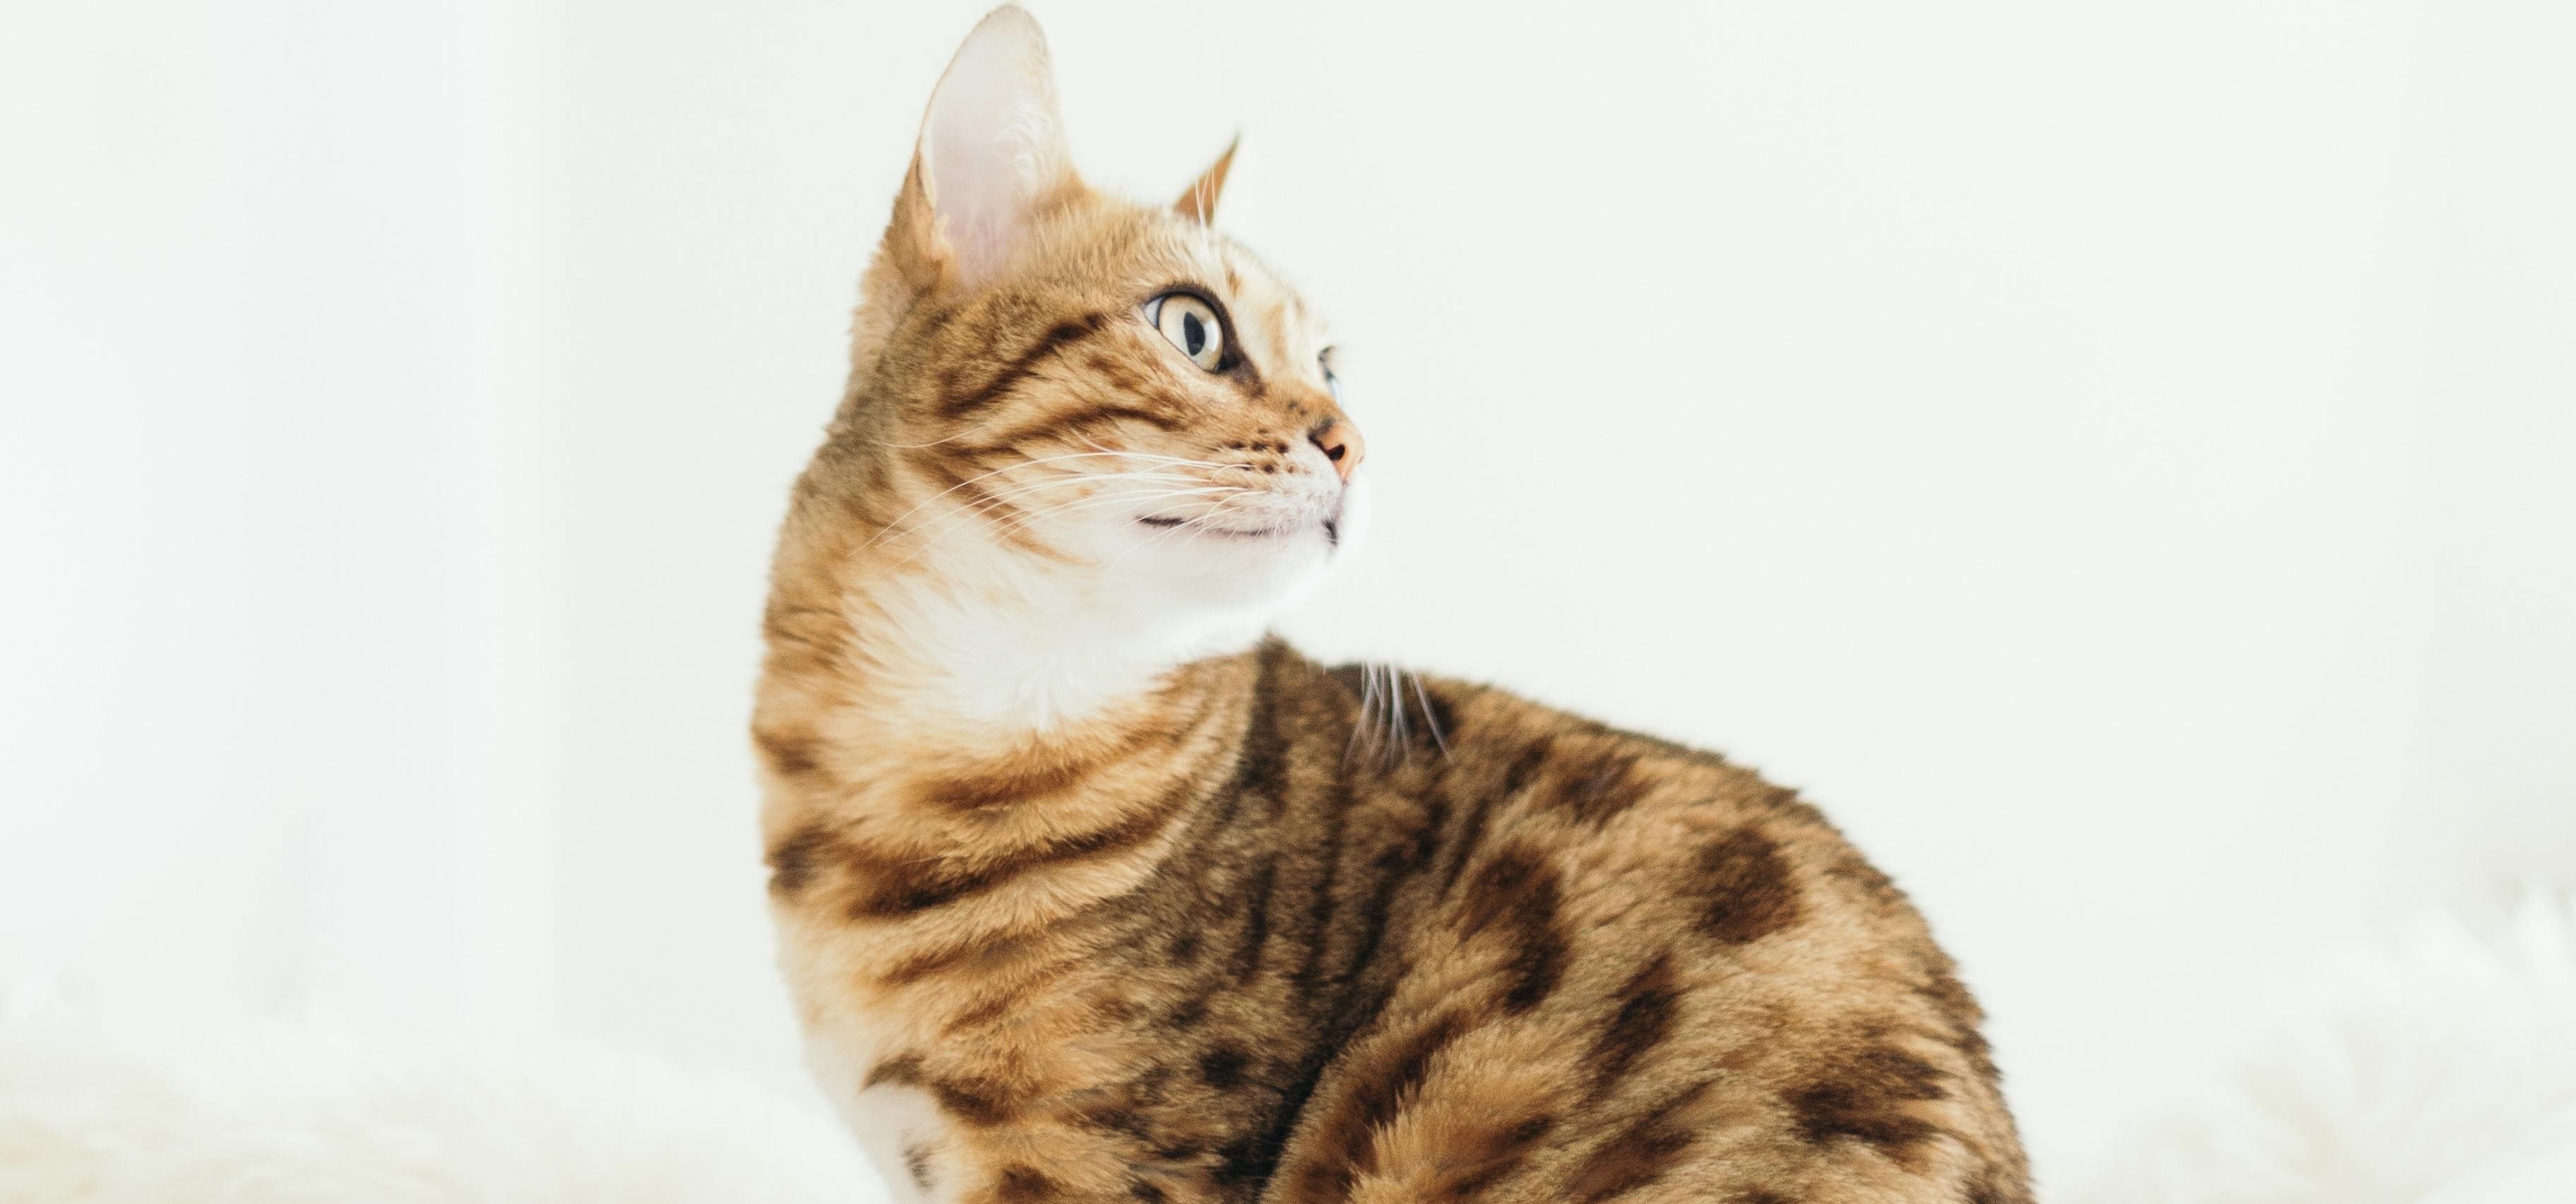 Les 5 sens du chat